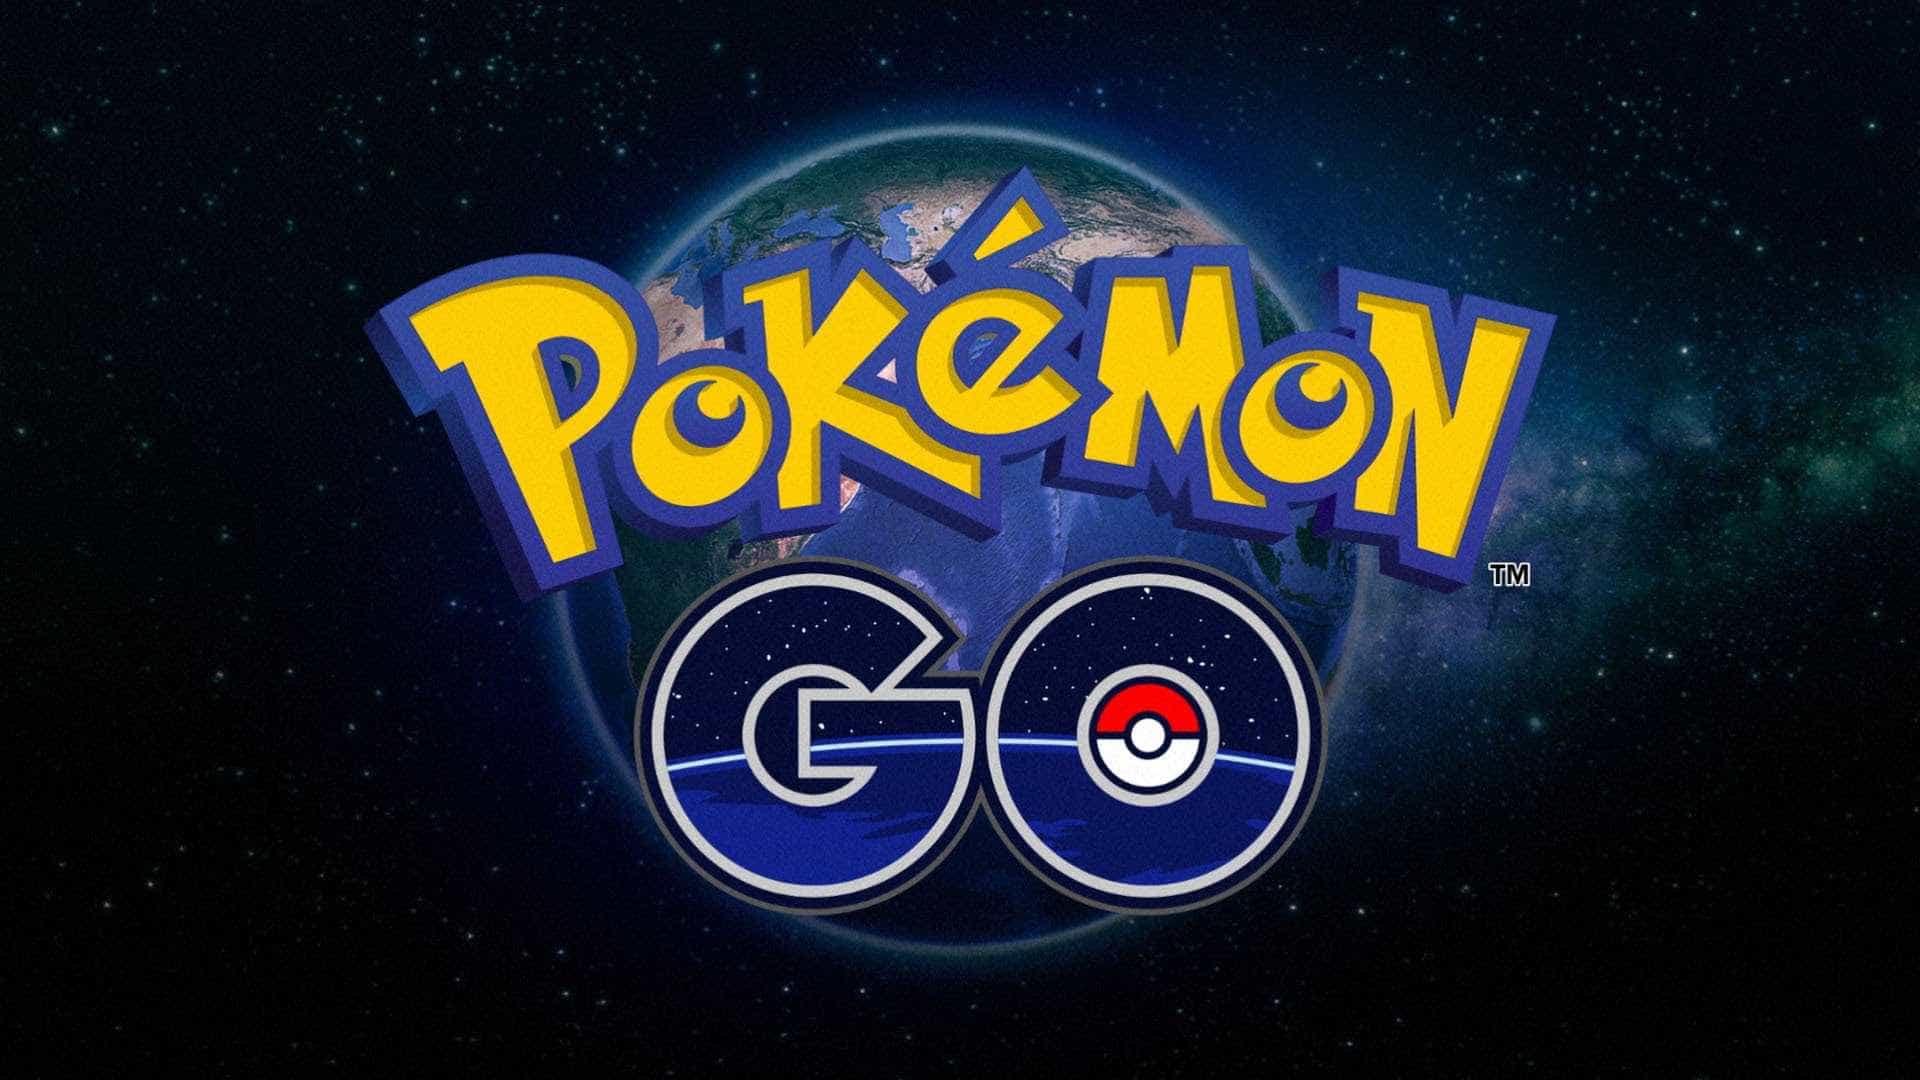 Polícia encontra motorista parado jogando Pokémon Go em oito celulares